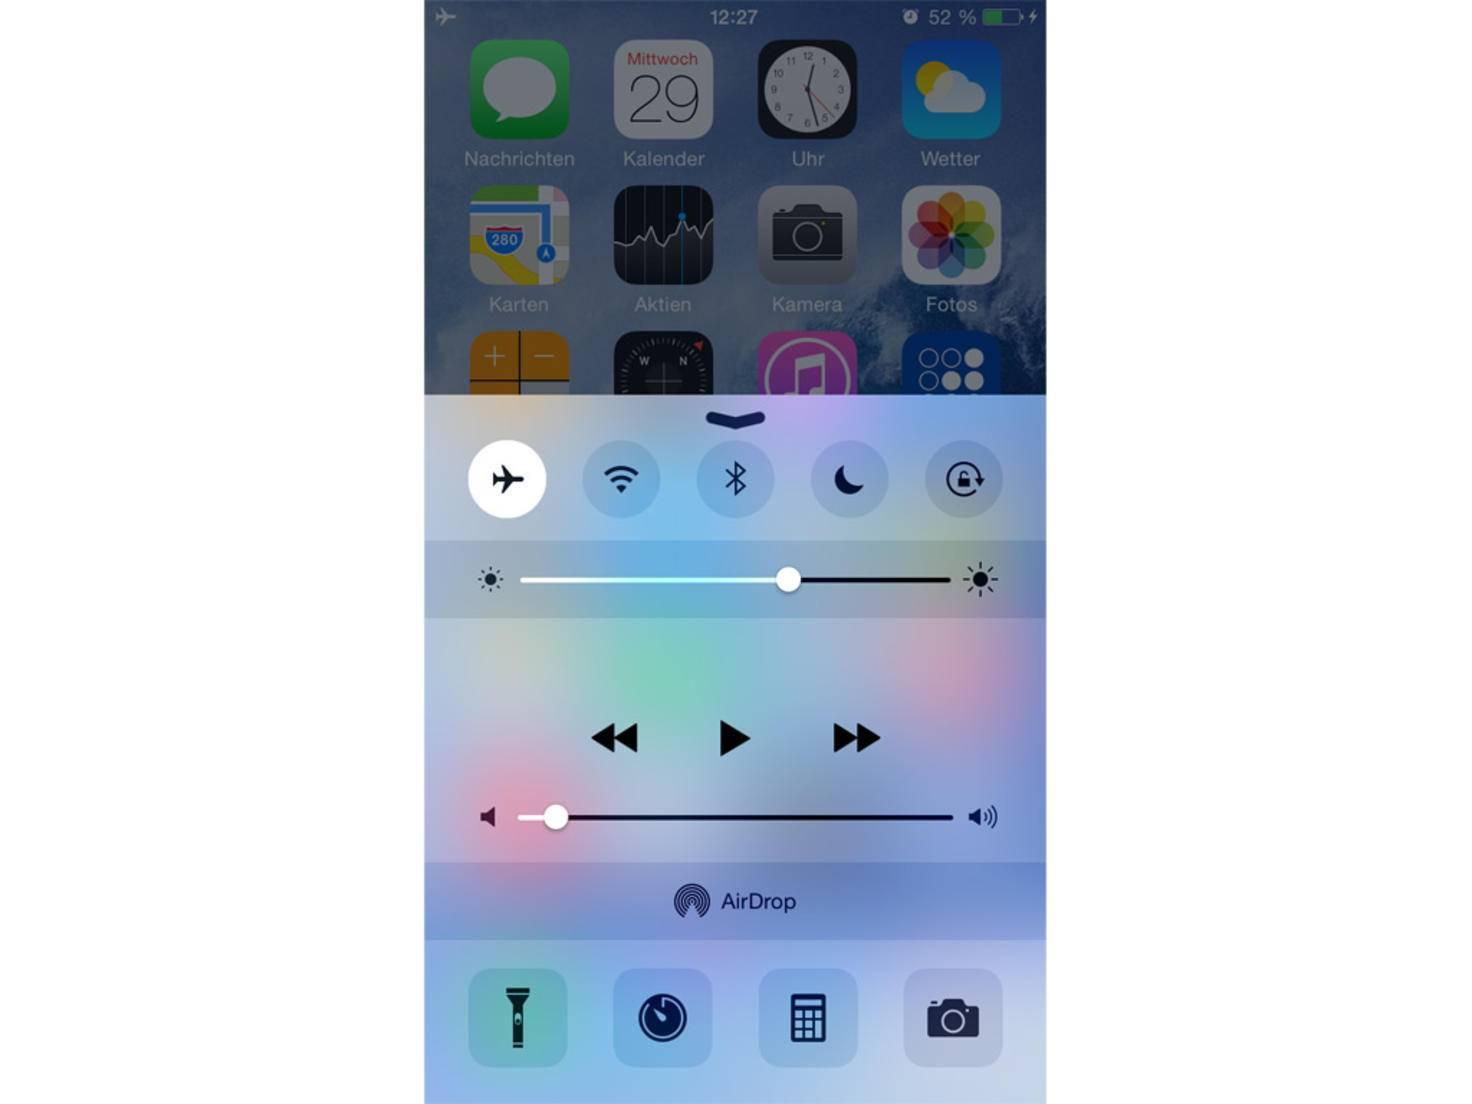 Aktueller Standort wird auf dem iPhone, iPad oder iPod touch nicht gefunden